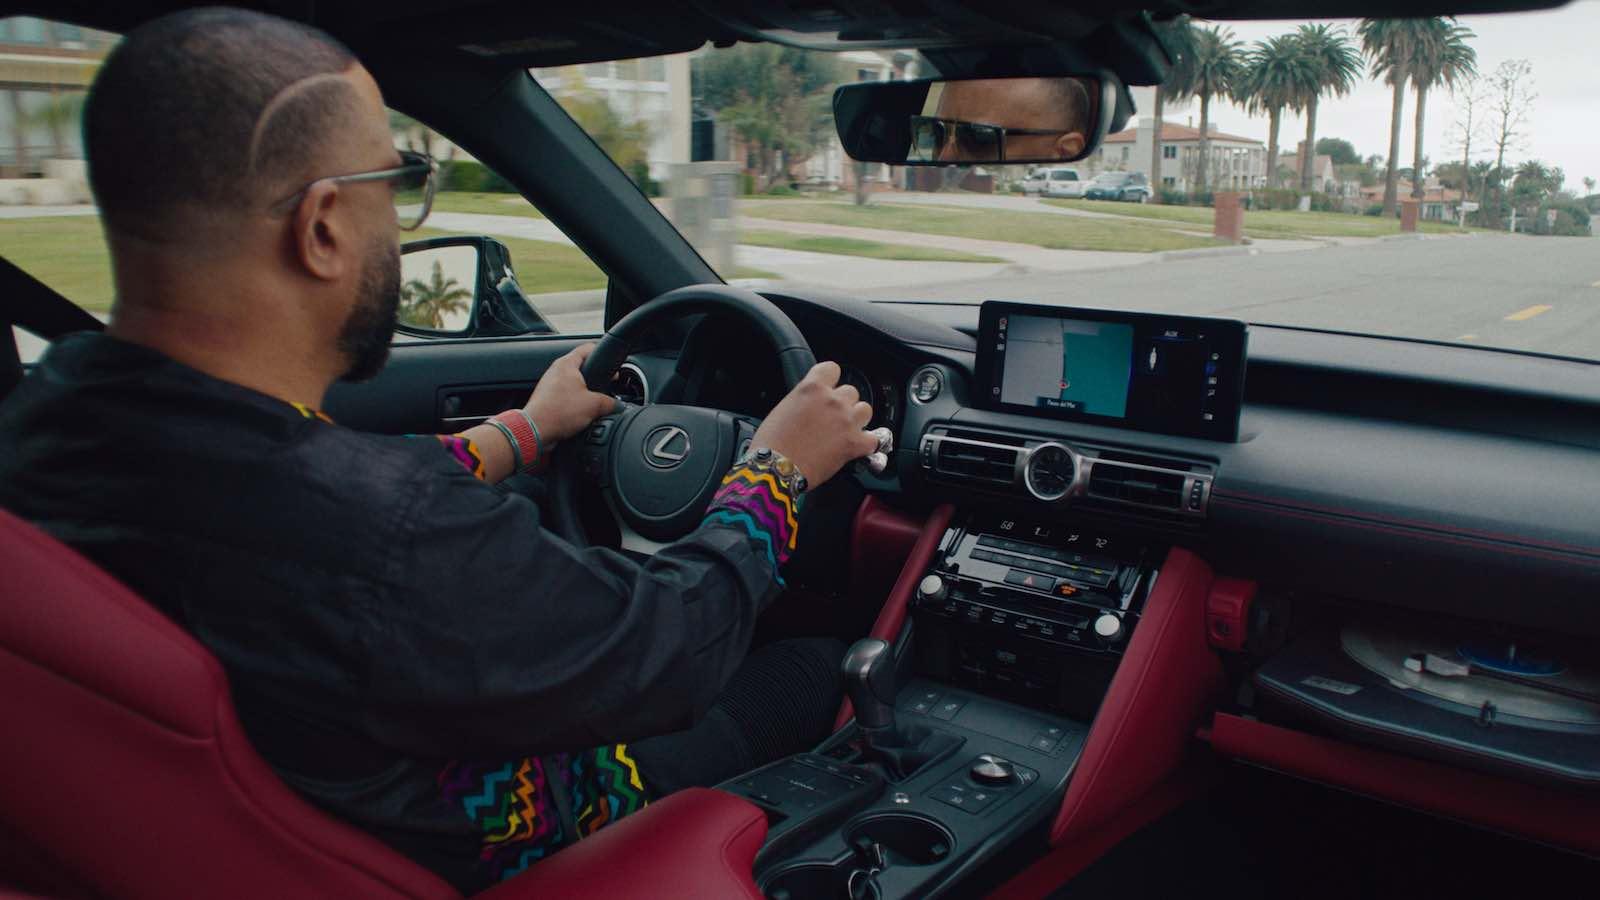 """Esta increíble fusión de música y autos fue plasmada en una serie documental de dos episodios, """"Driven by Sound,"""" creada en colaboración con Pitchfork."""